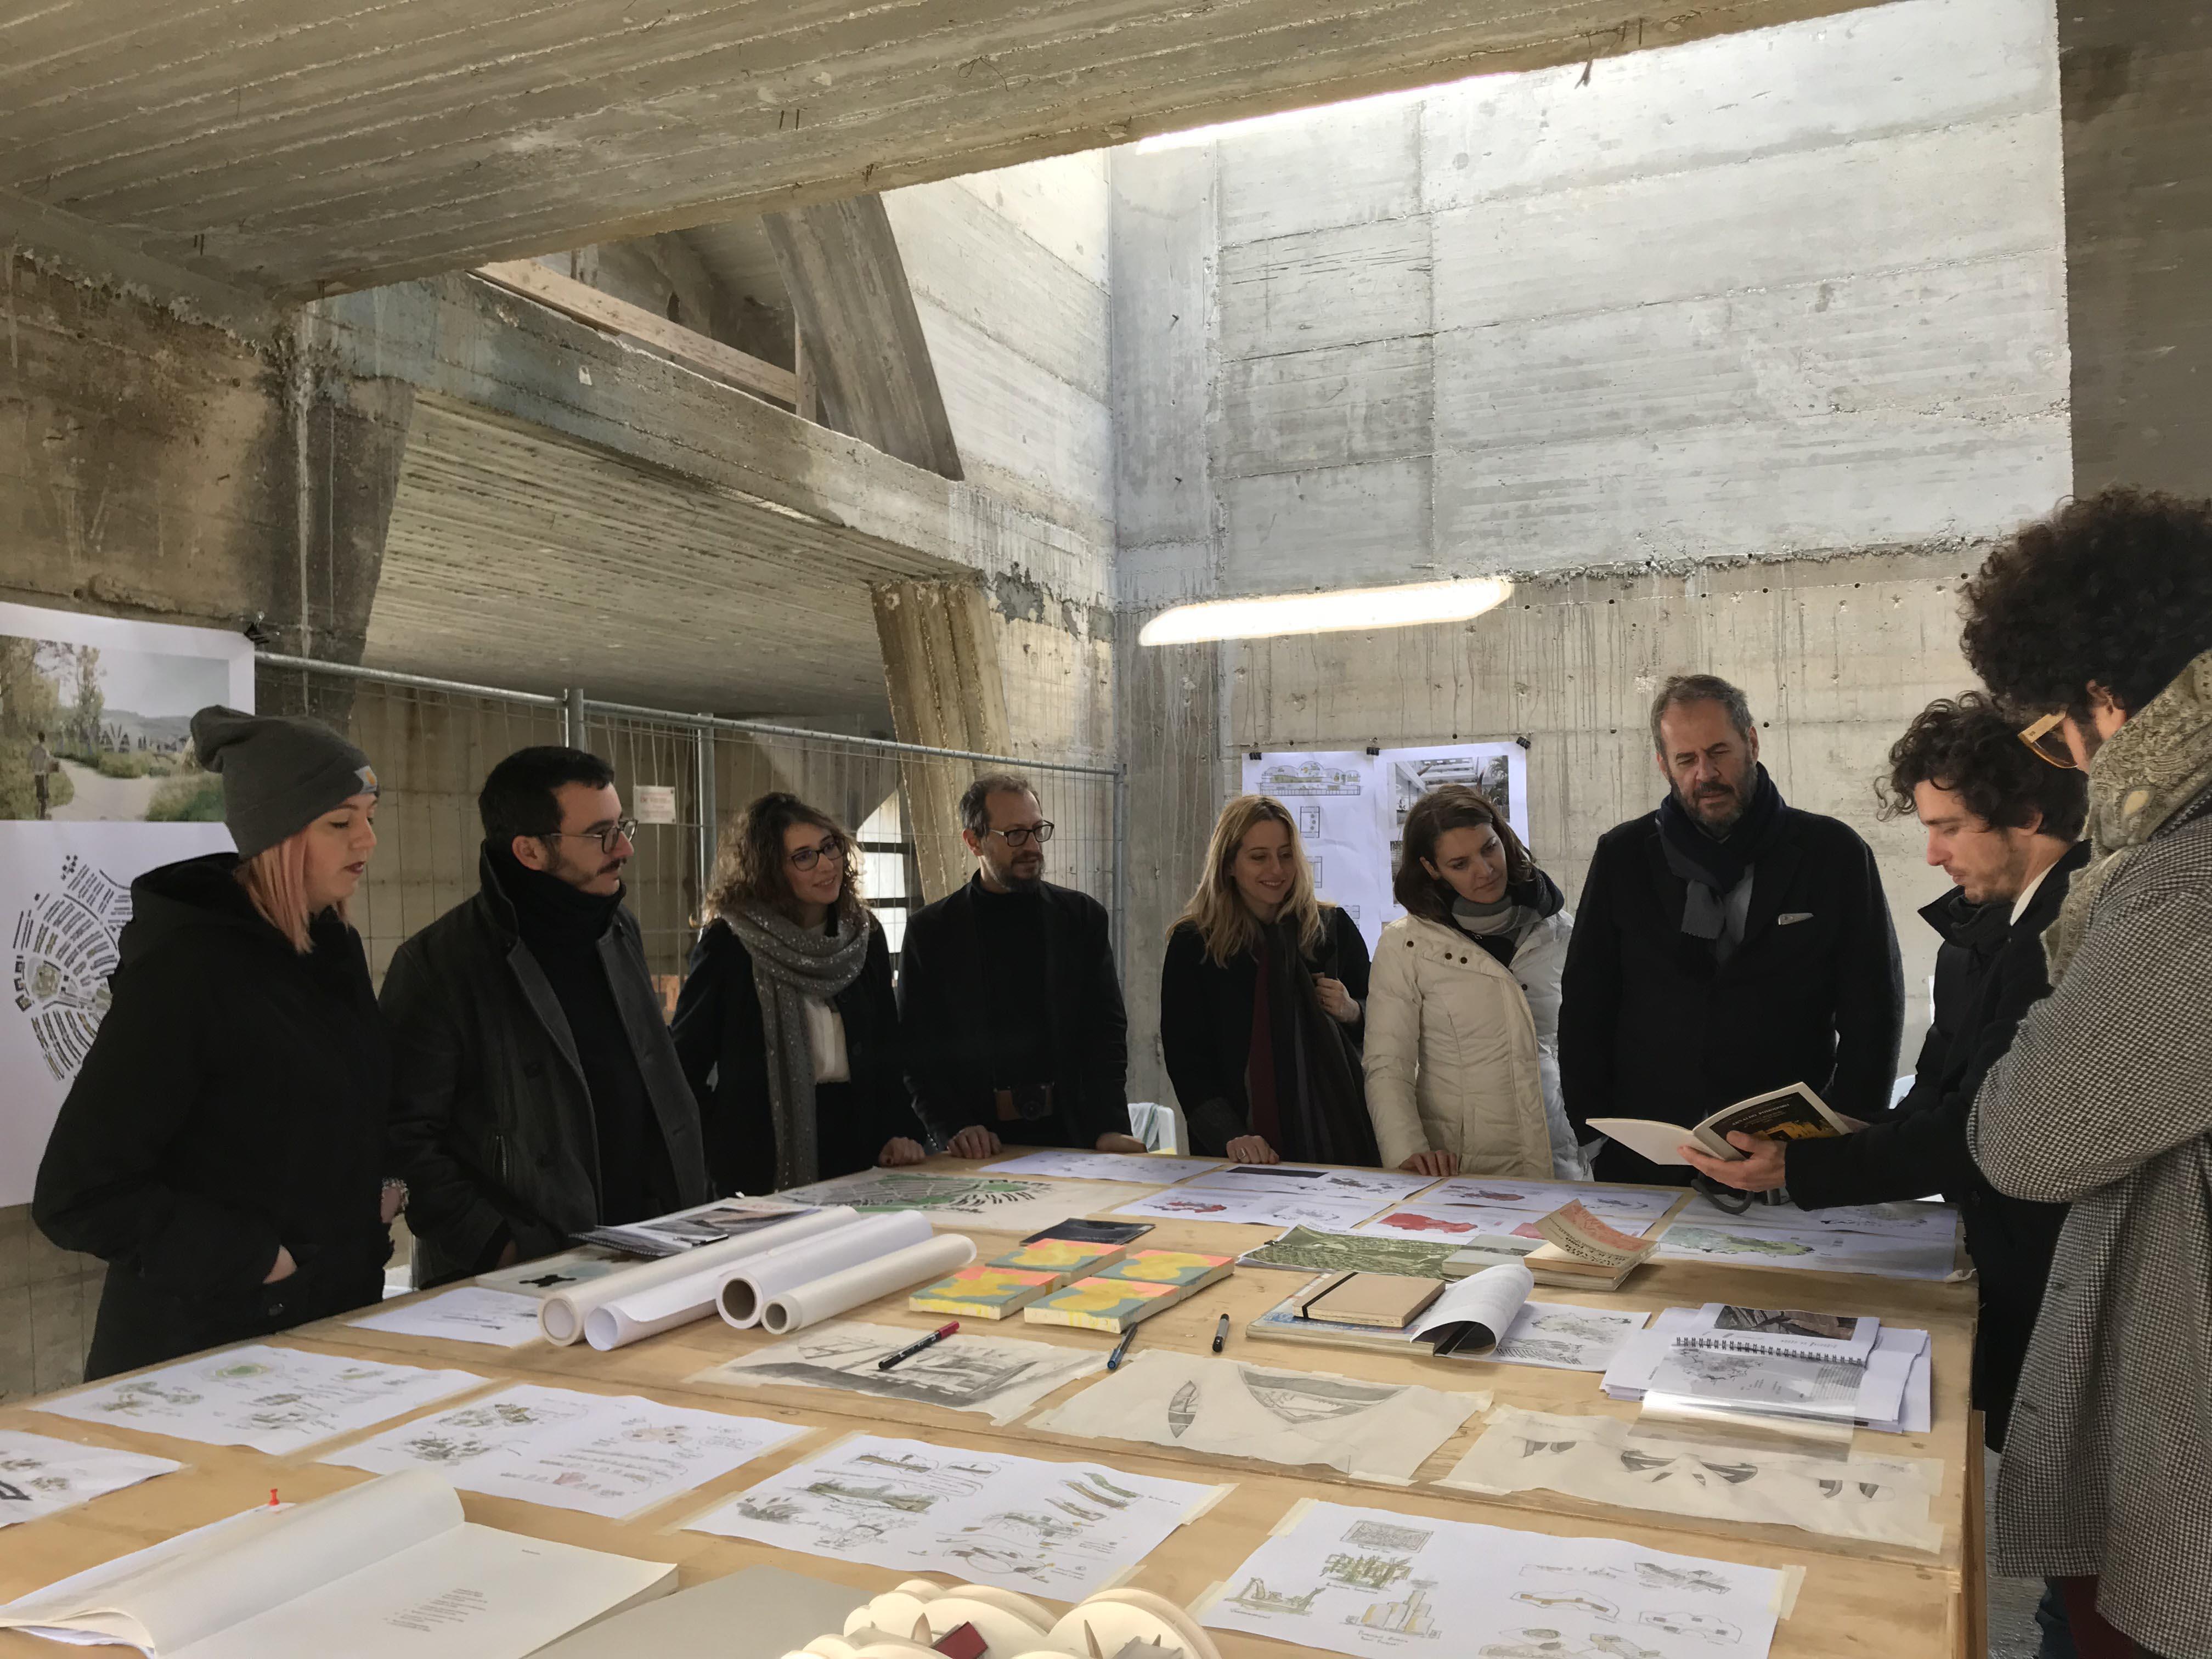 Atelier participatif à Gibellina Nuova, Trapani, 14/01/2018: Mario Cucinella et l'équipe au travail dans le Consagra Theater © staff Mario Cucinella